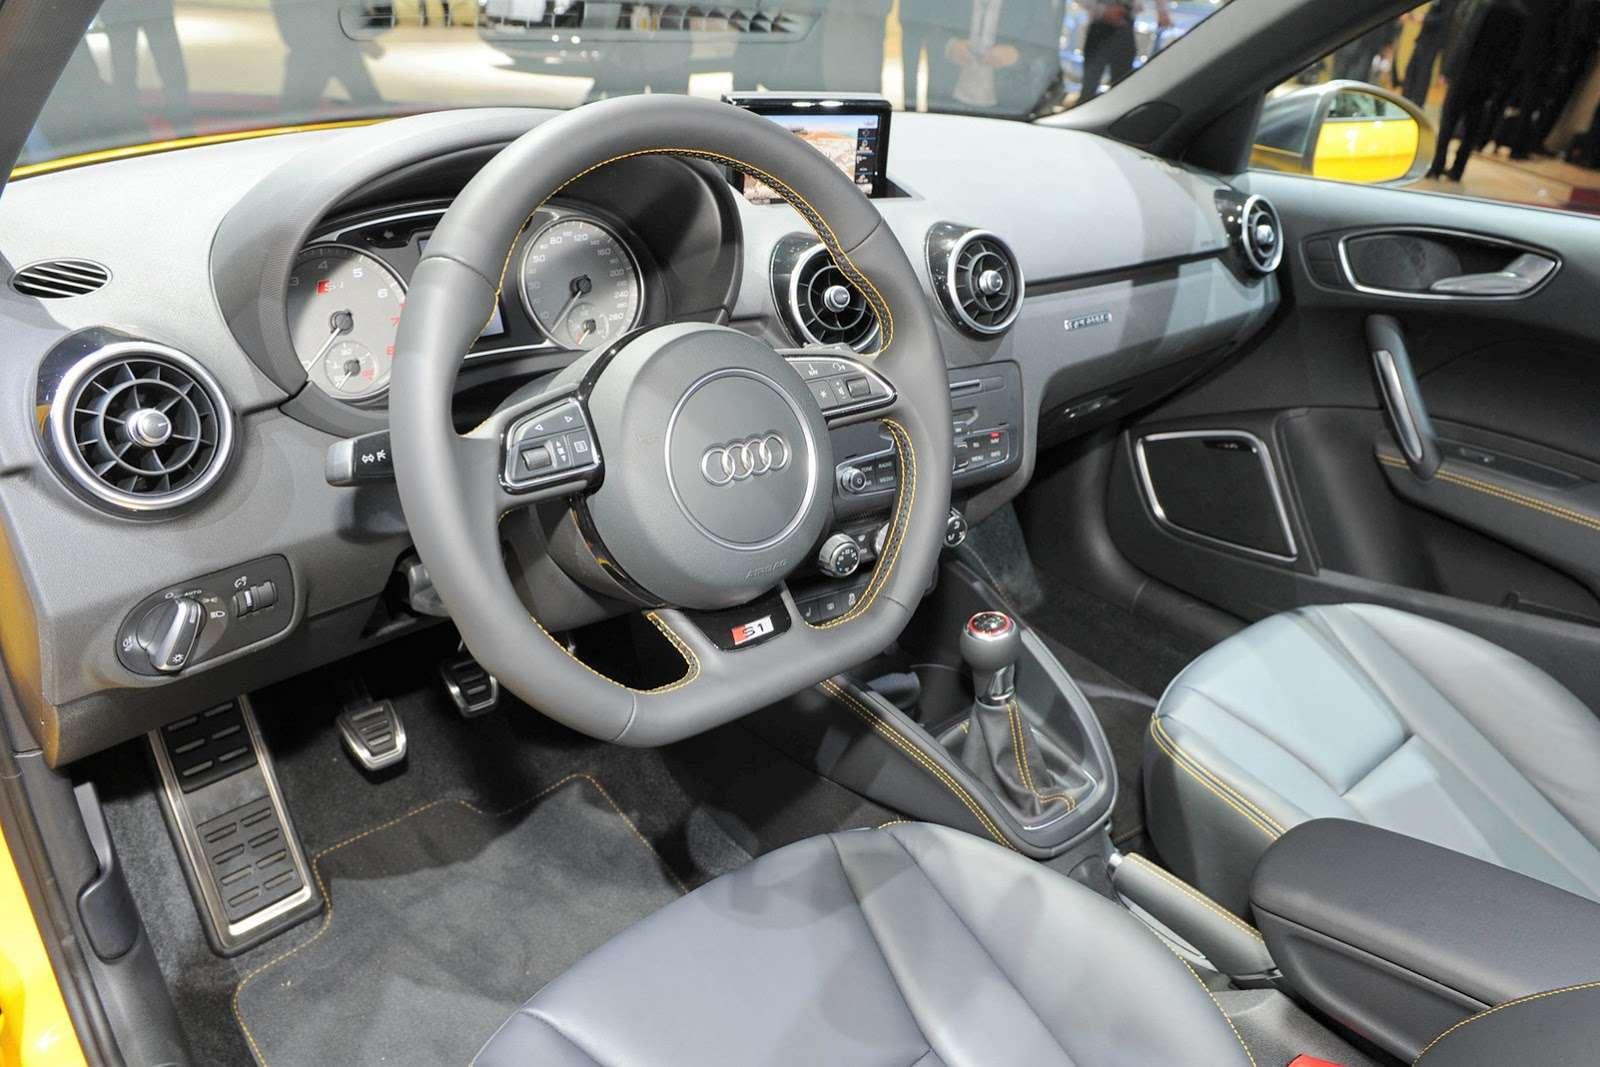 Audi s1 Geneva 2014